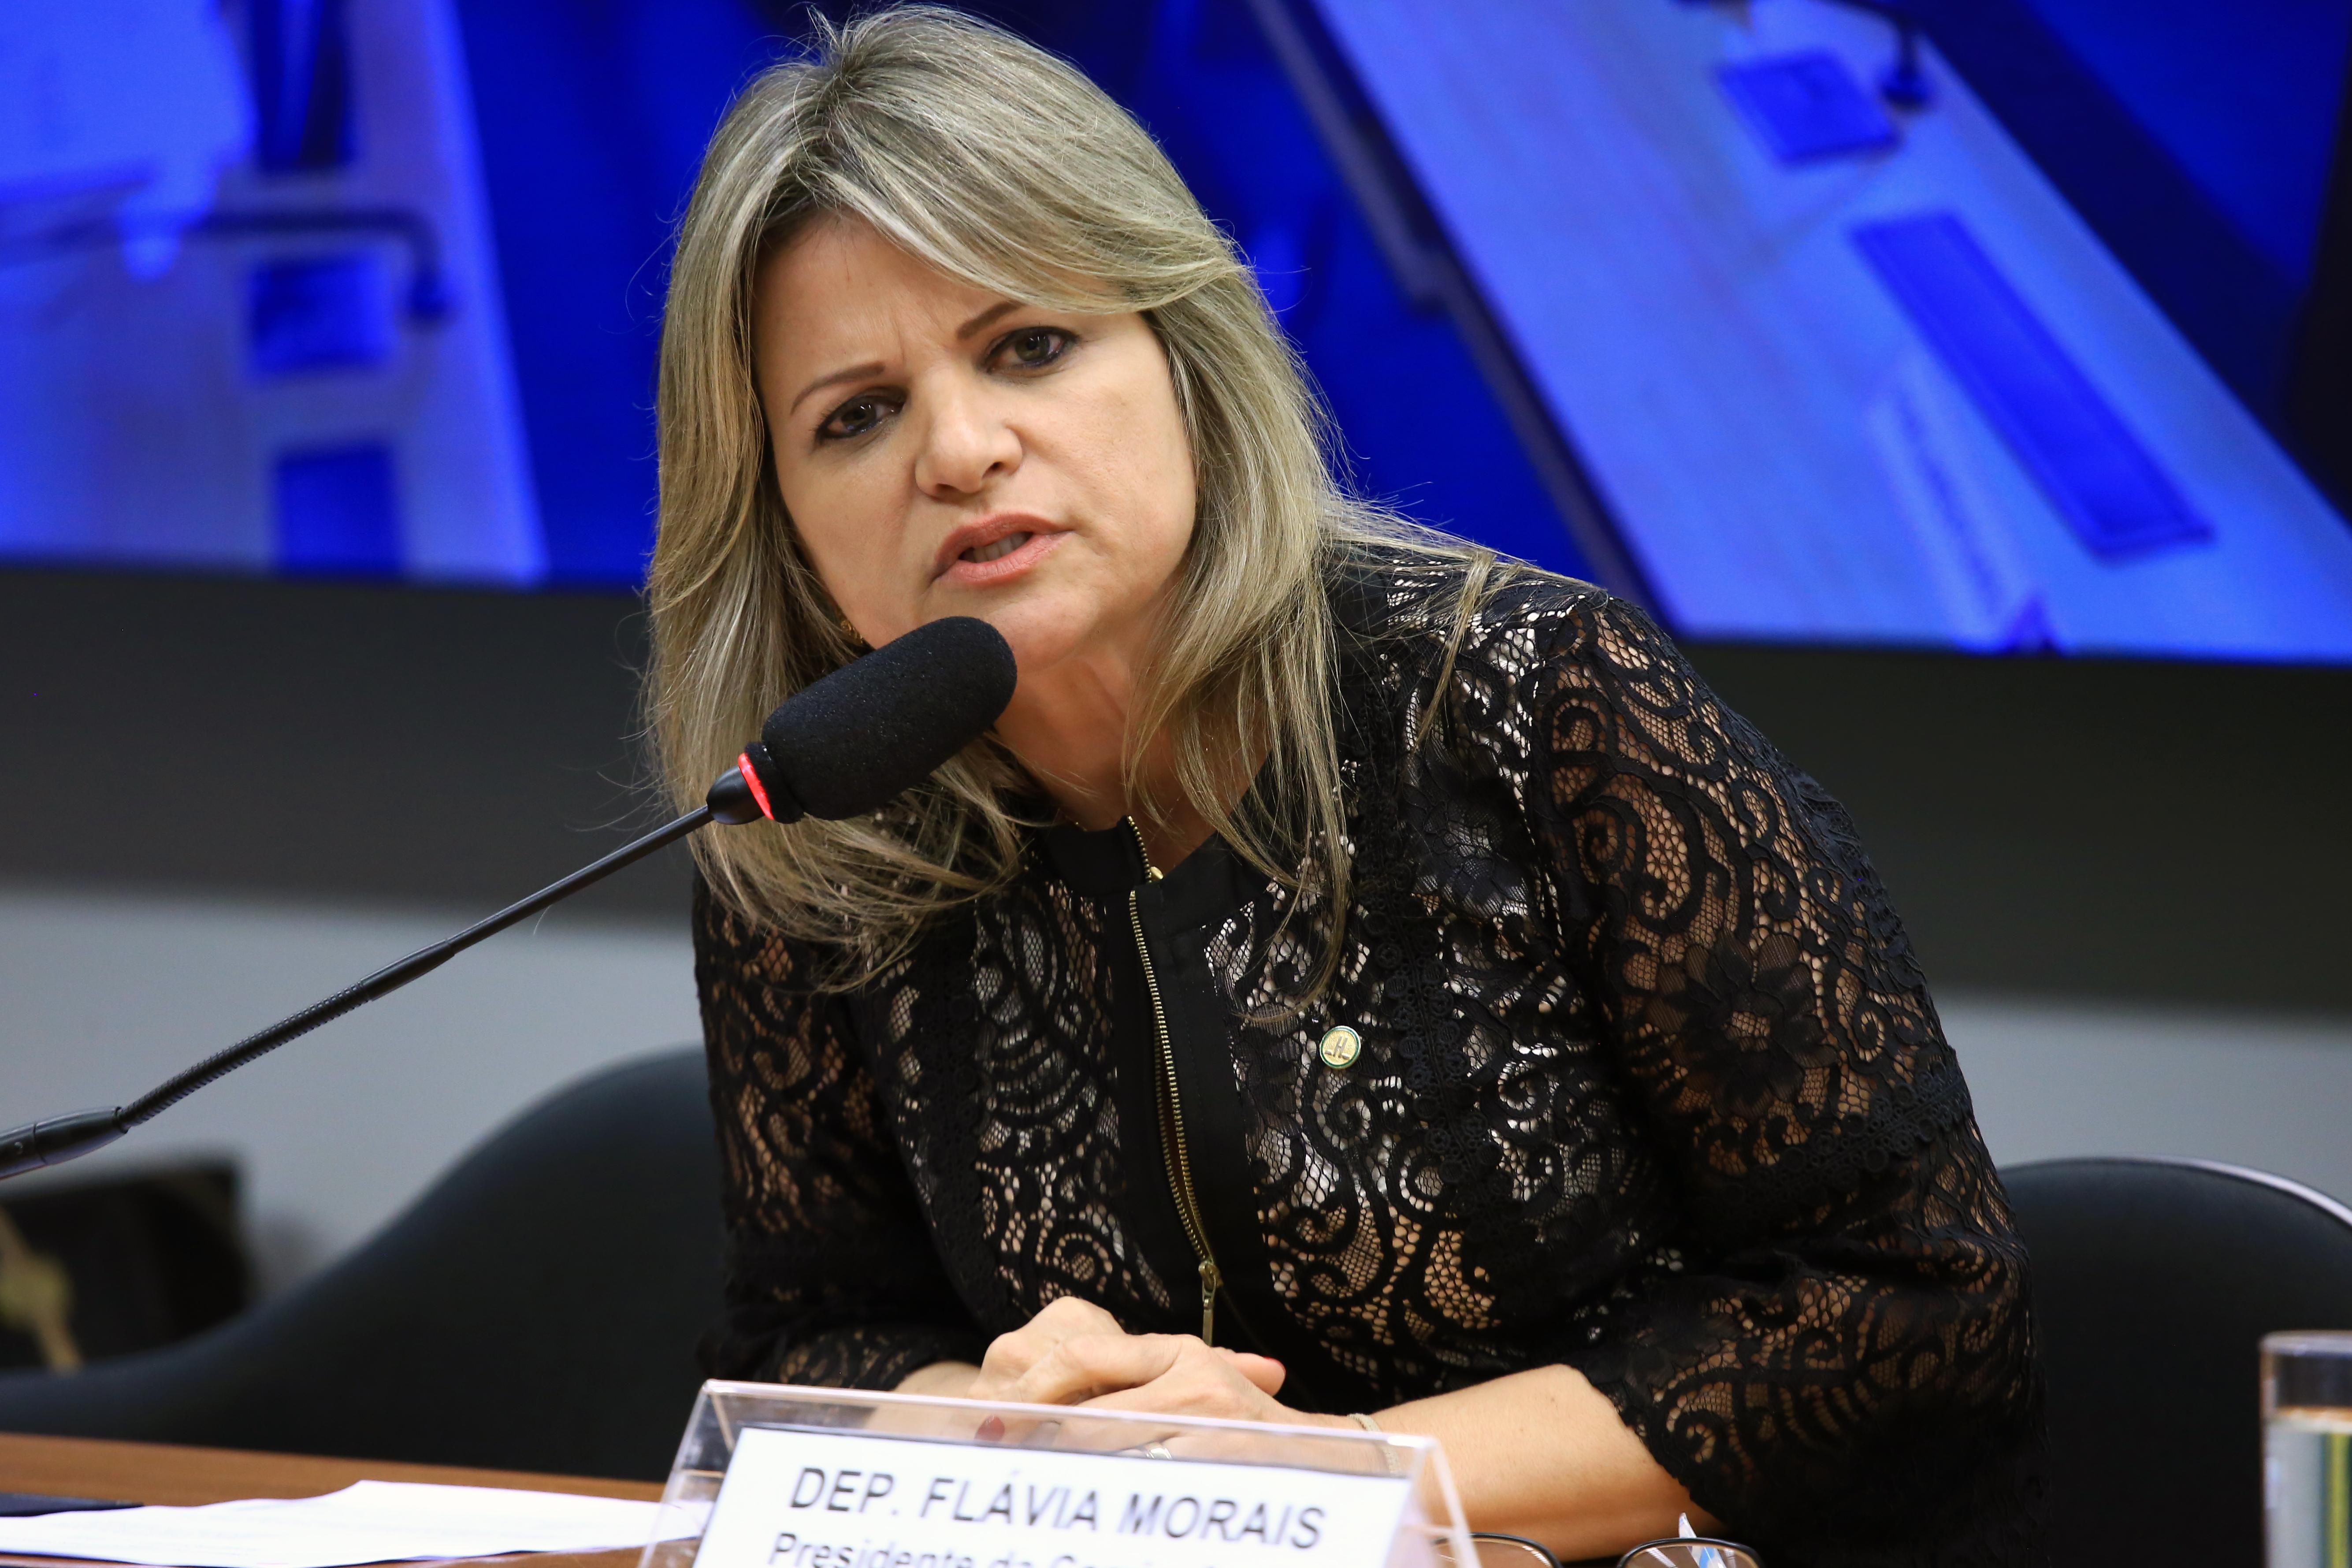 Audiência pública sobre as ações, políticas e programas relacionados com o combate e prevenção ao uso de drogas no país, em especial iniciativas inovadoras. Dep. Flávia Morais (PDT - GO)